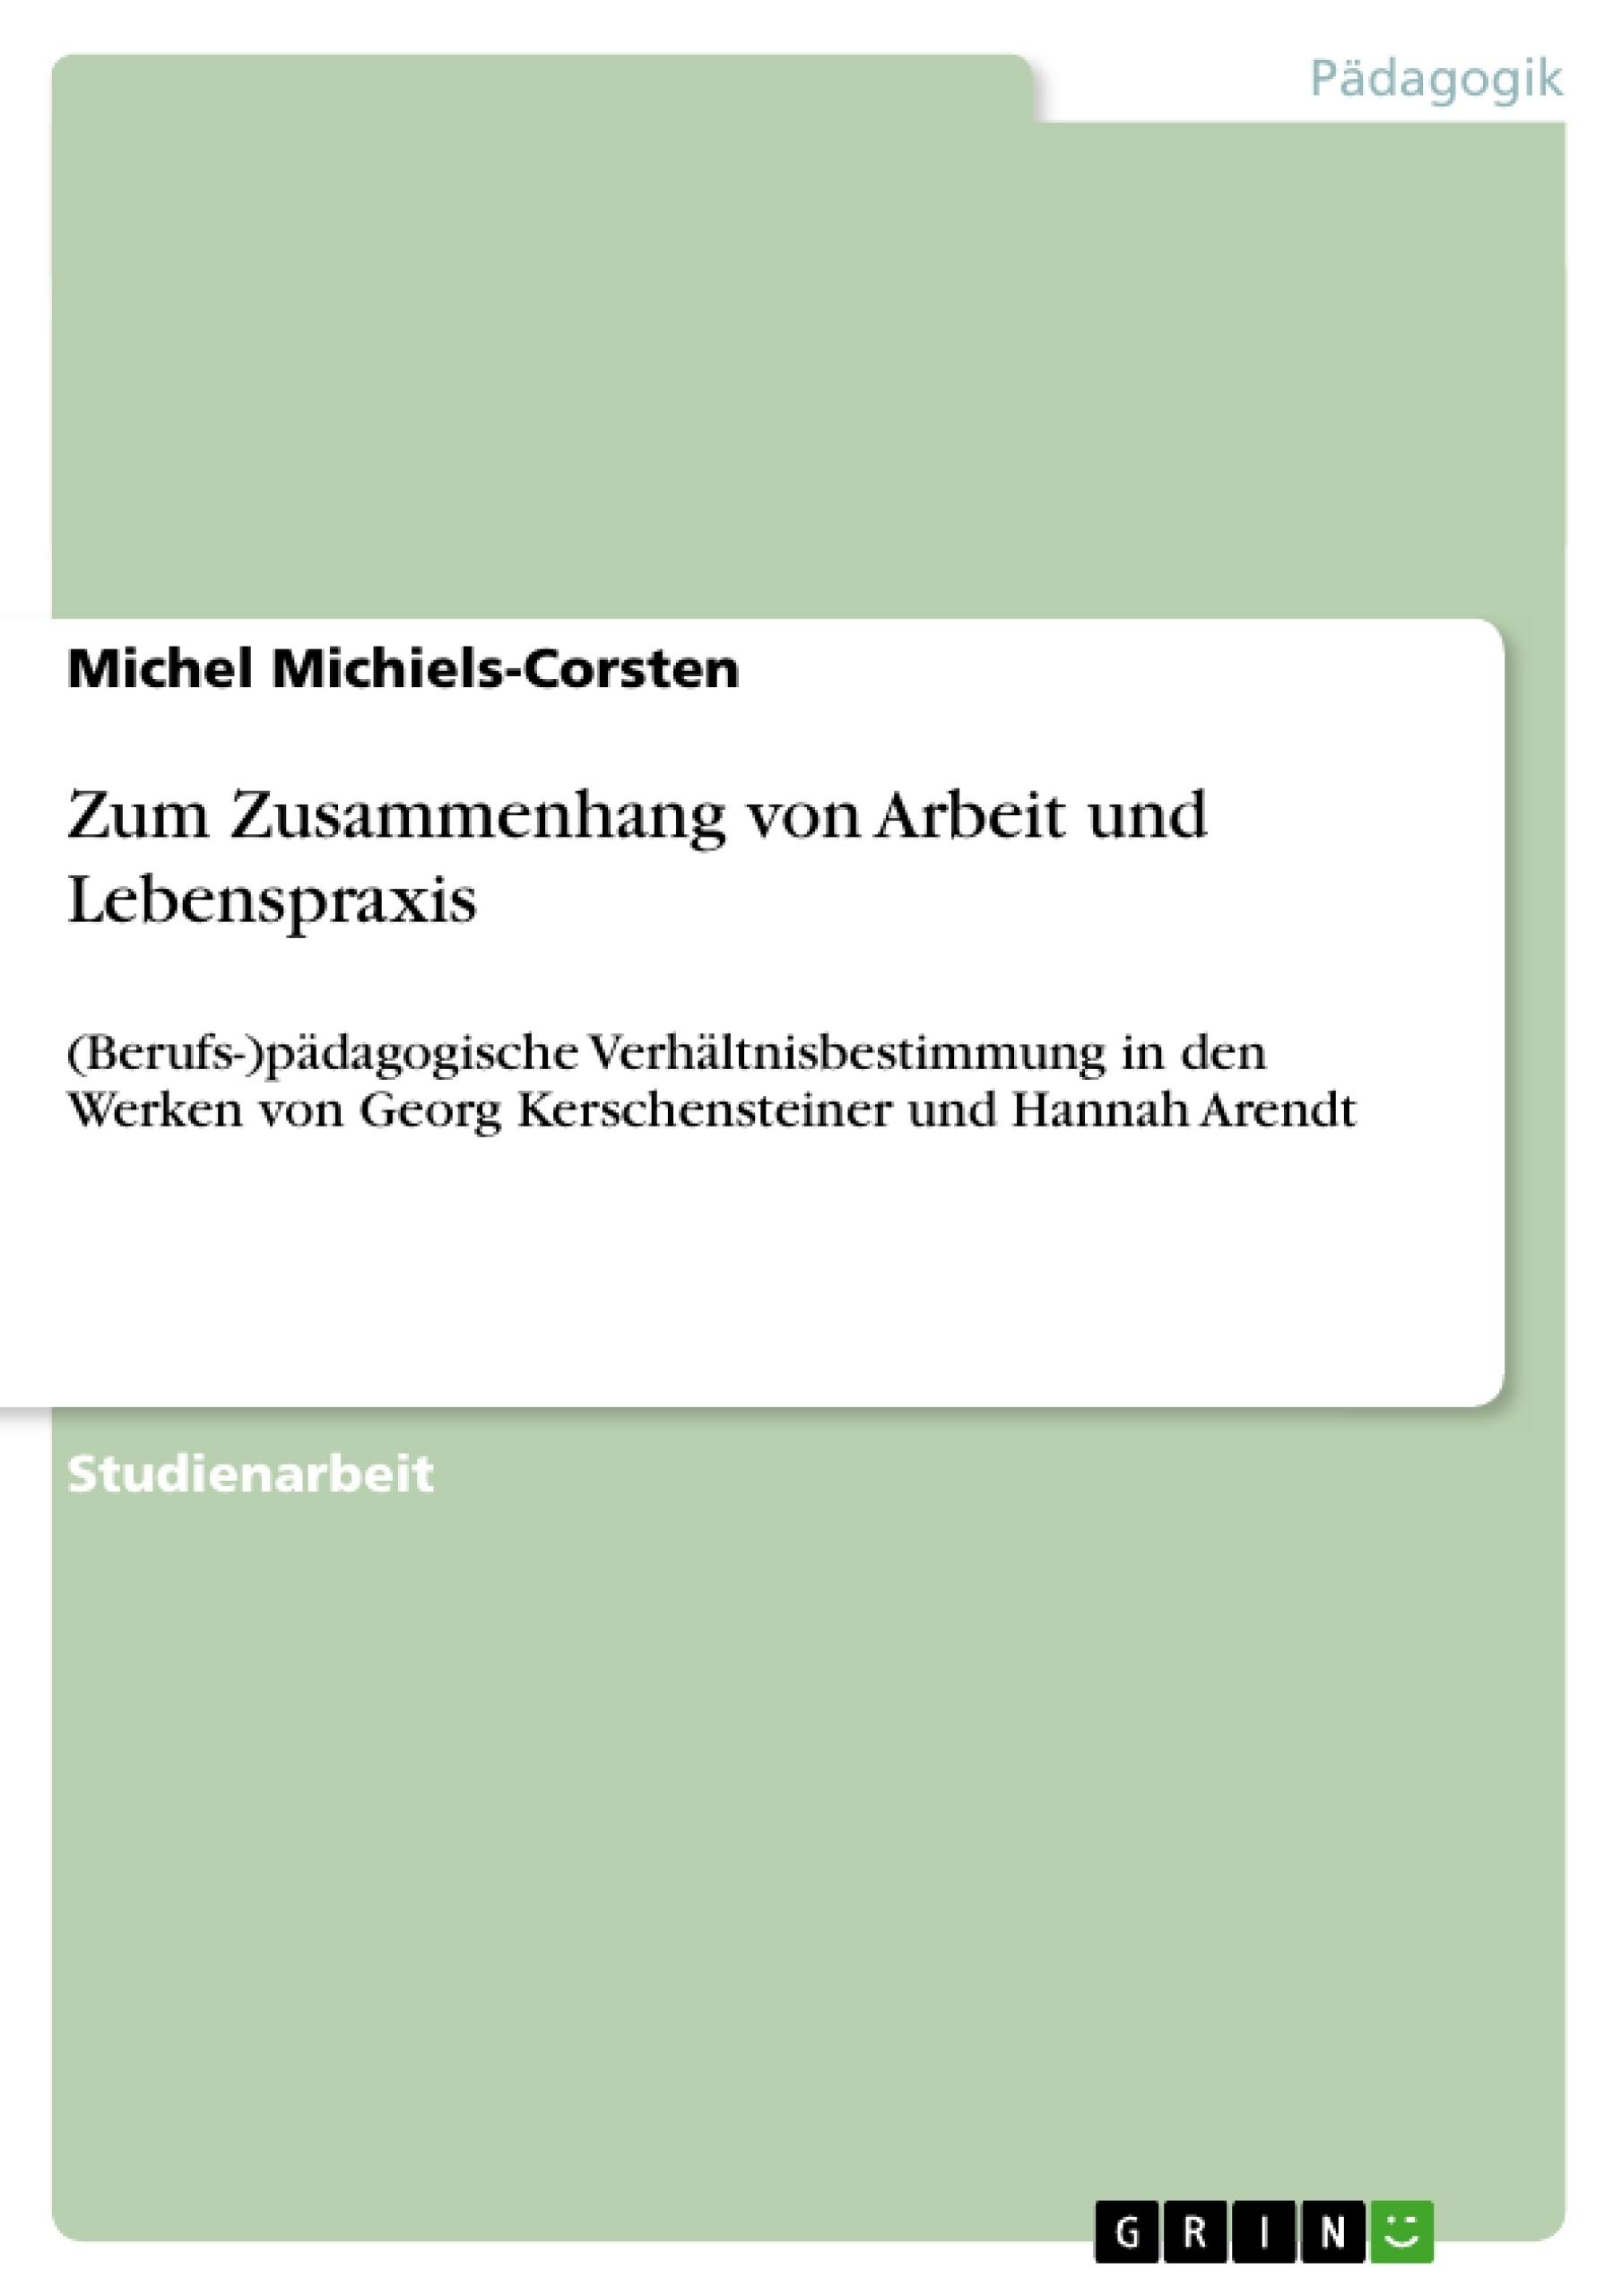 Titel: Zum Zusammenhang von Arbeit und Lebenspraxis